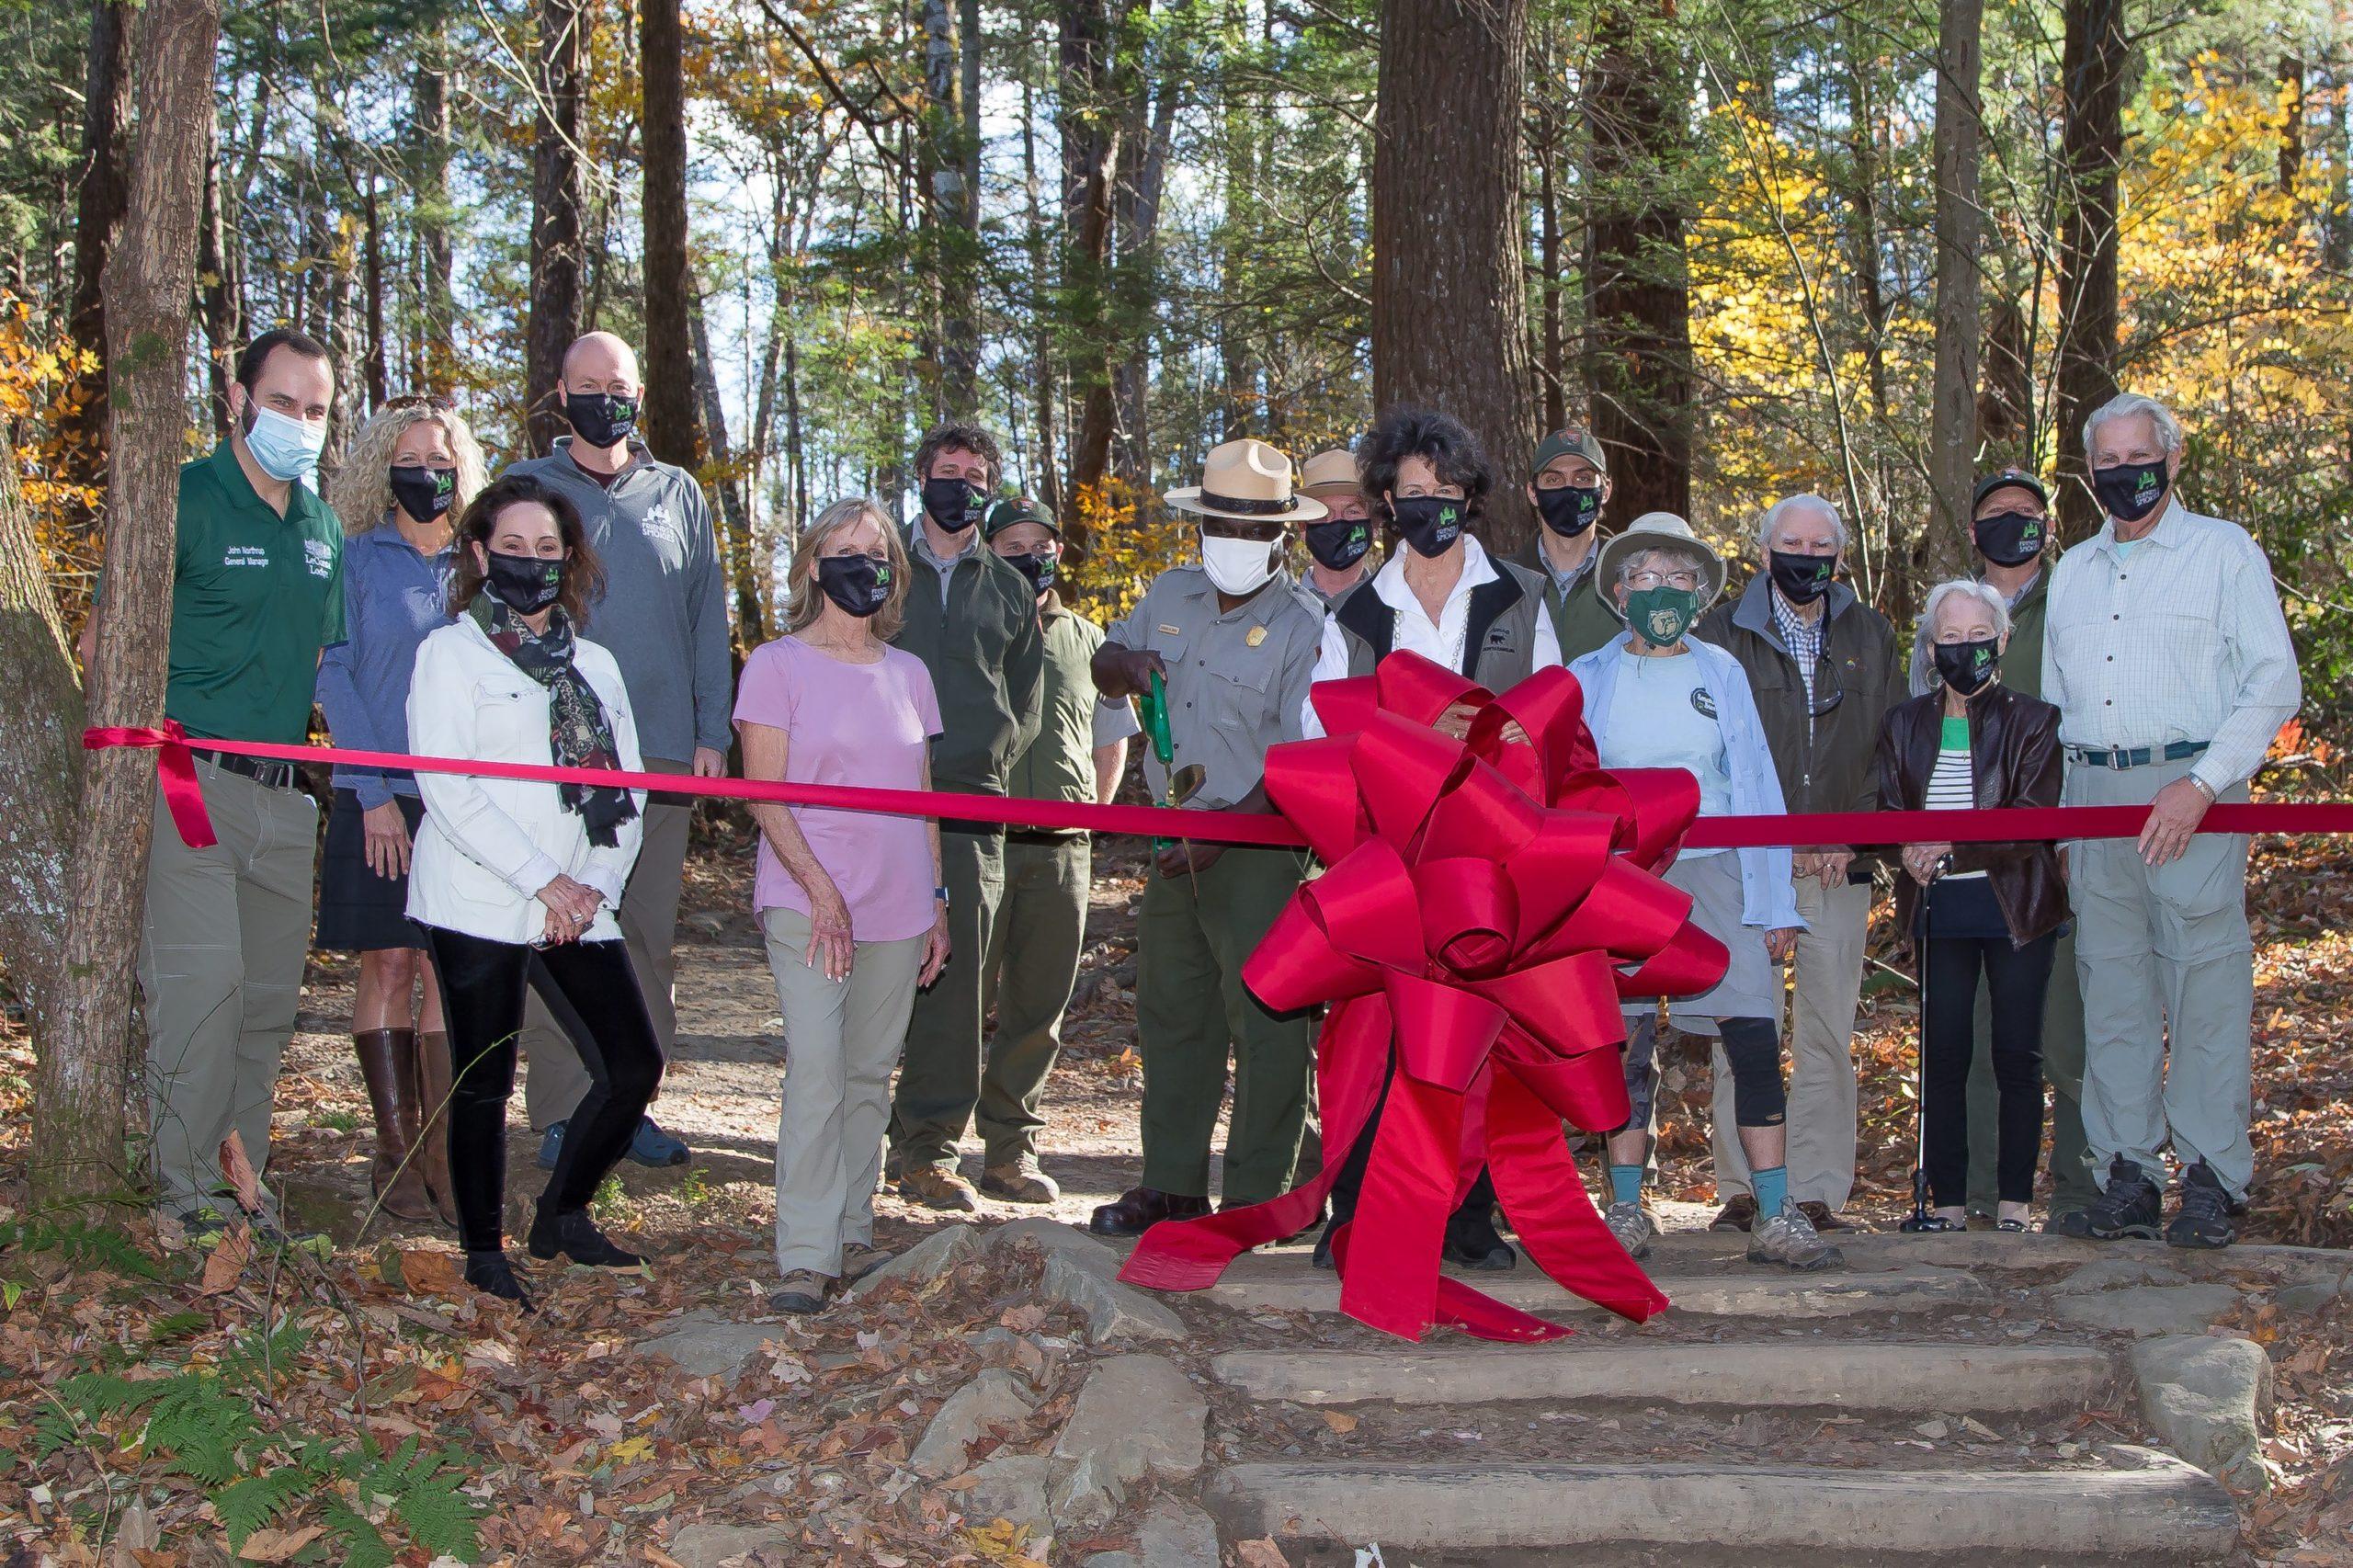 Trillium Gap Trail re-opening ceremony